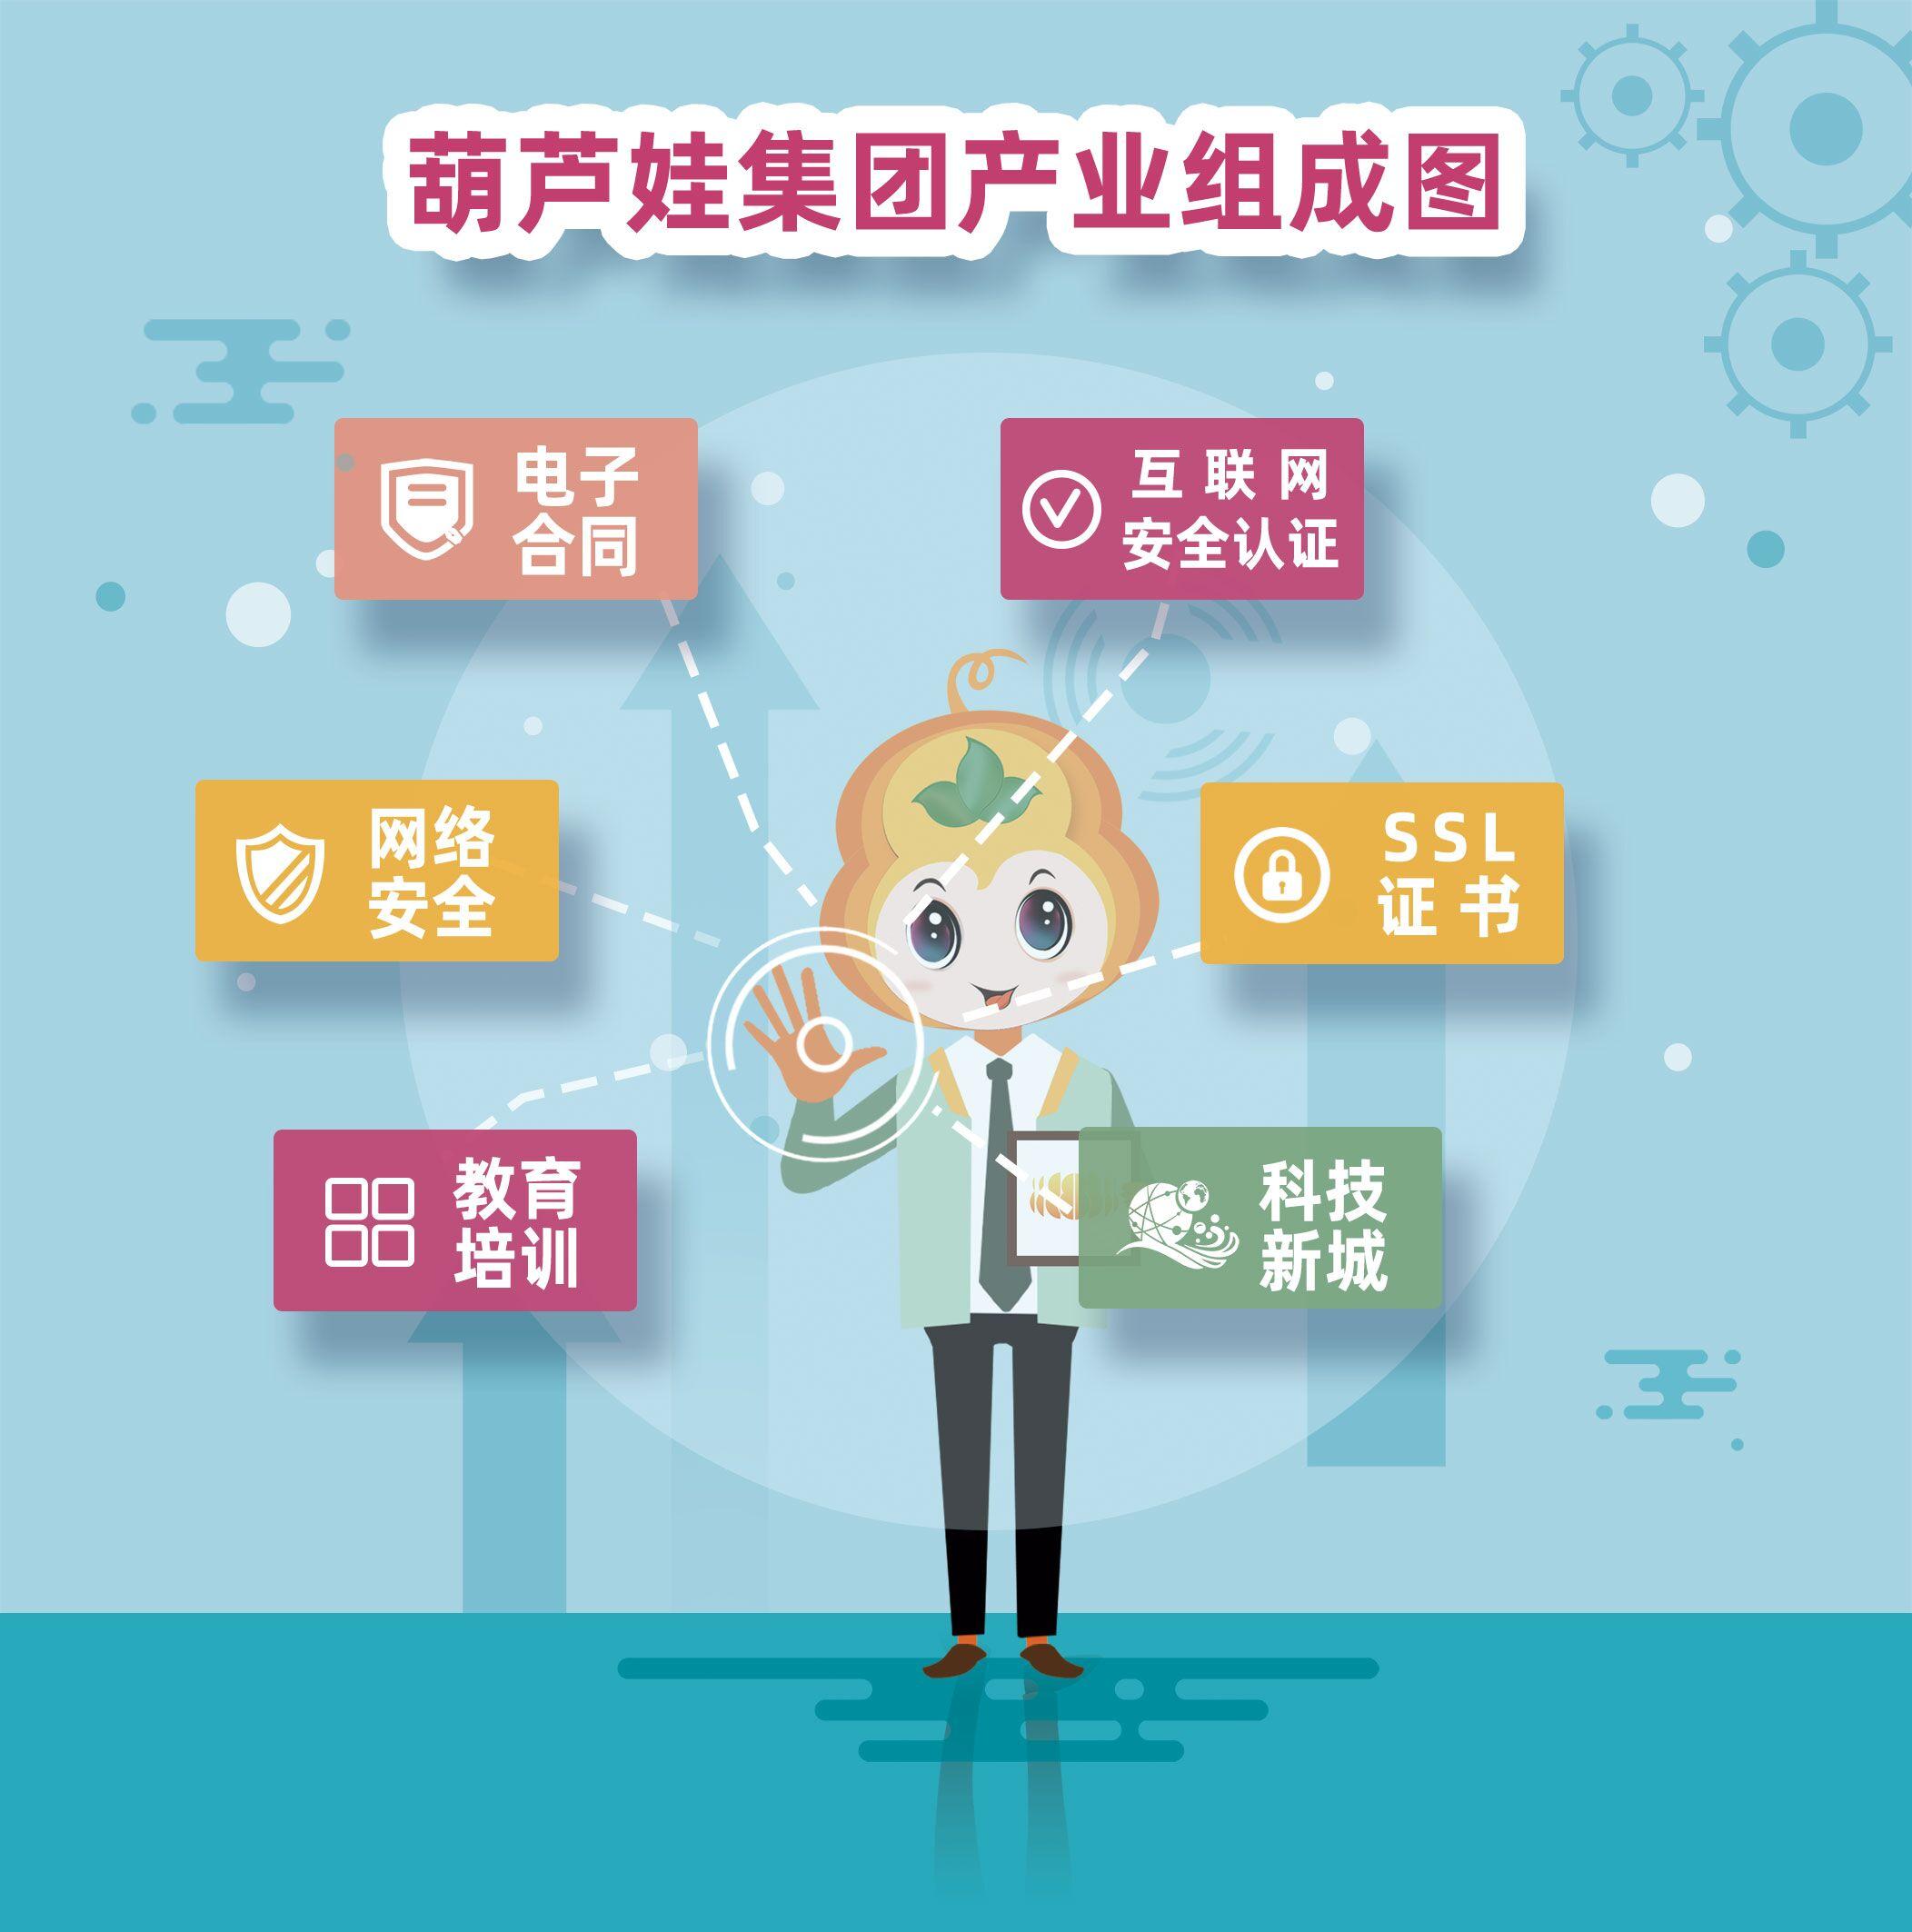 2019.7.3集团业务组成图.jpg